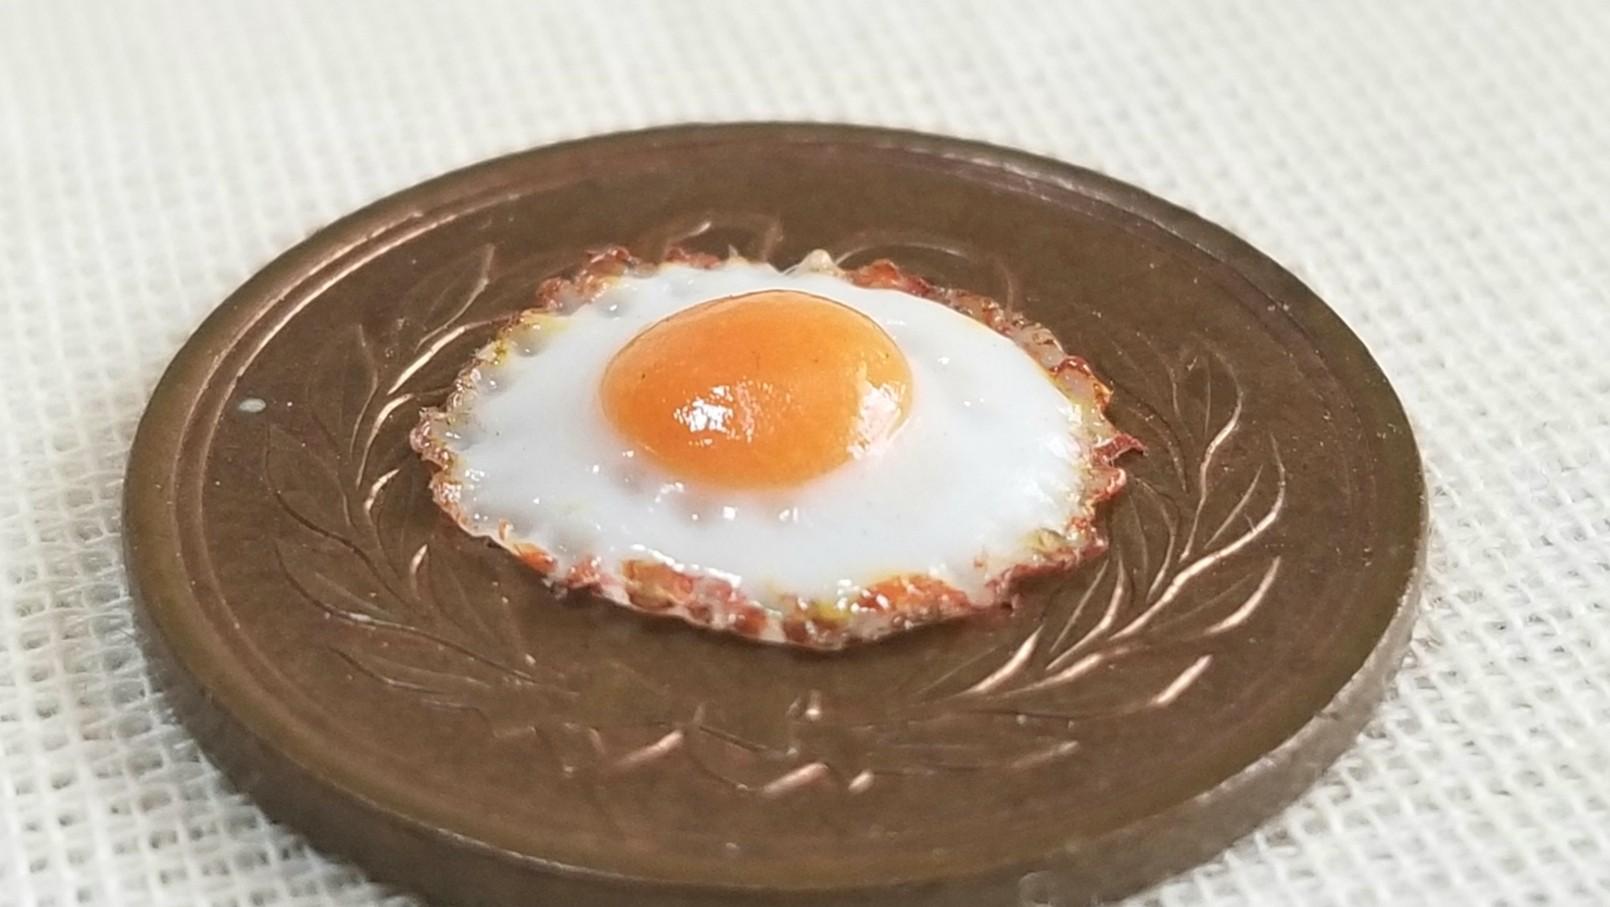 美味しそうな目玉焼き,美味しい,リアルな,ミニチュア,樹脂粘土